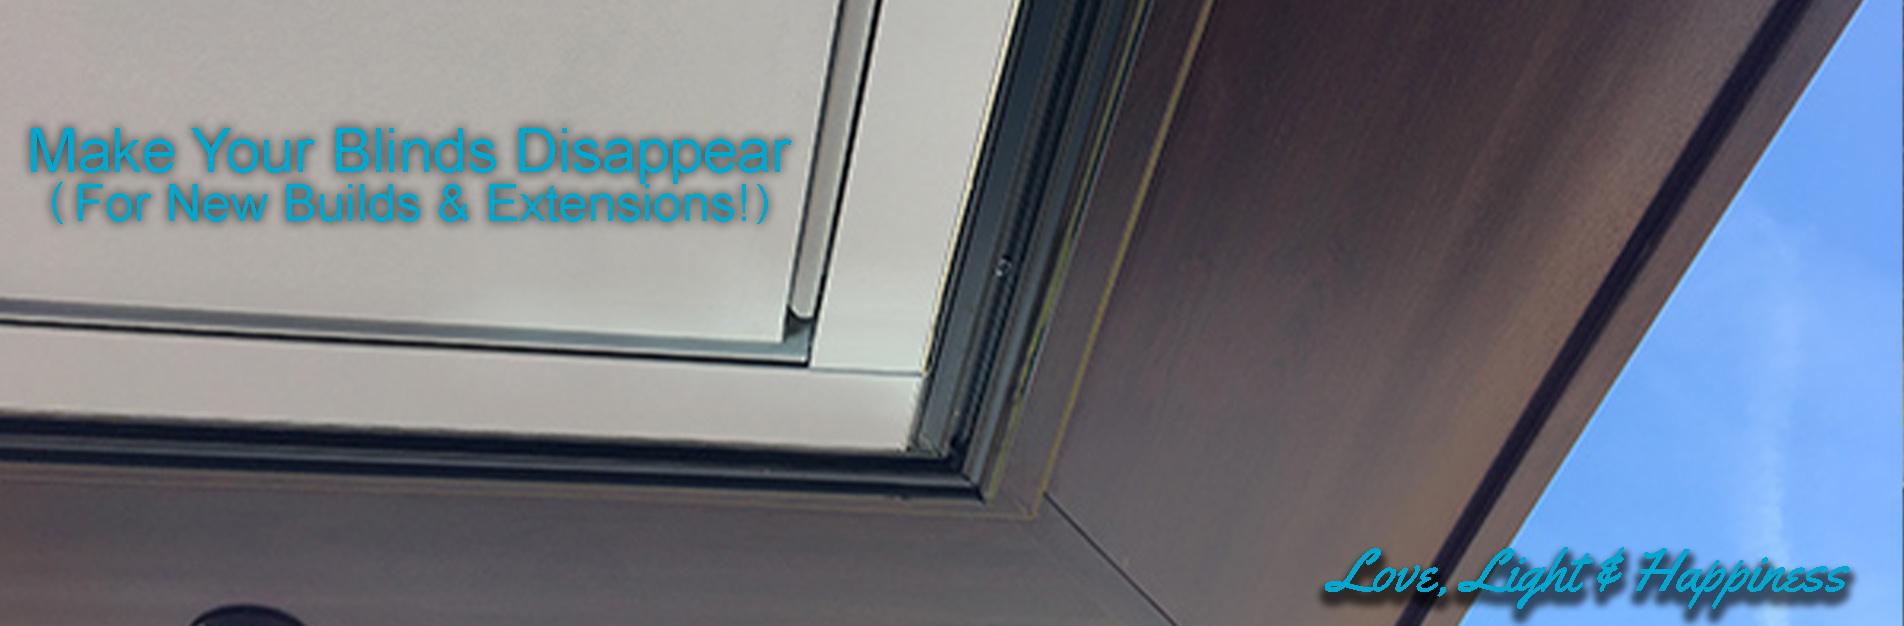 3-Panel bi-fold door blinds confugrations